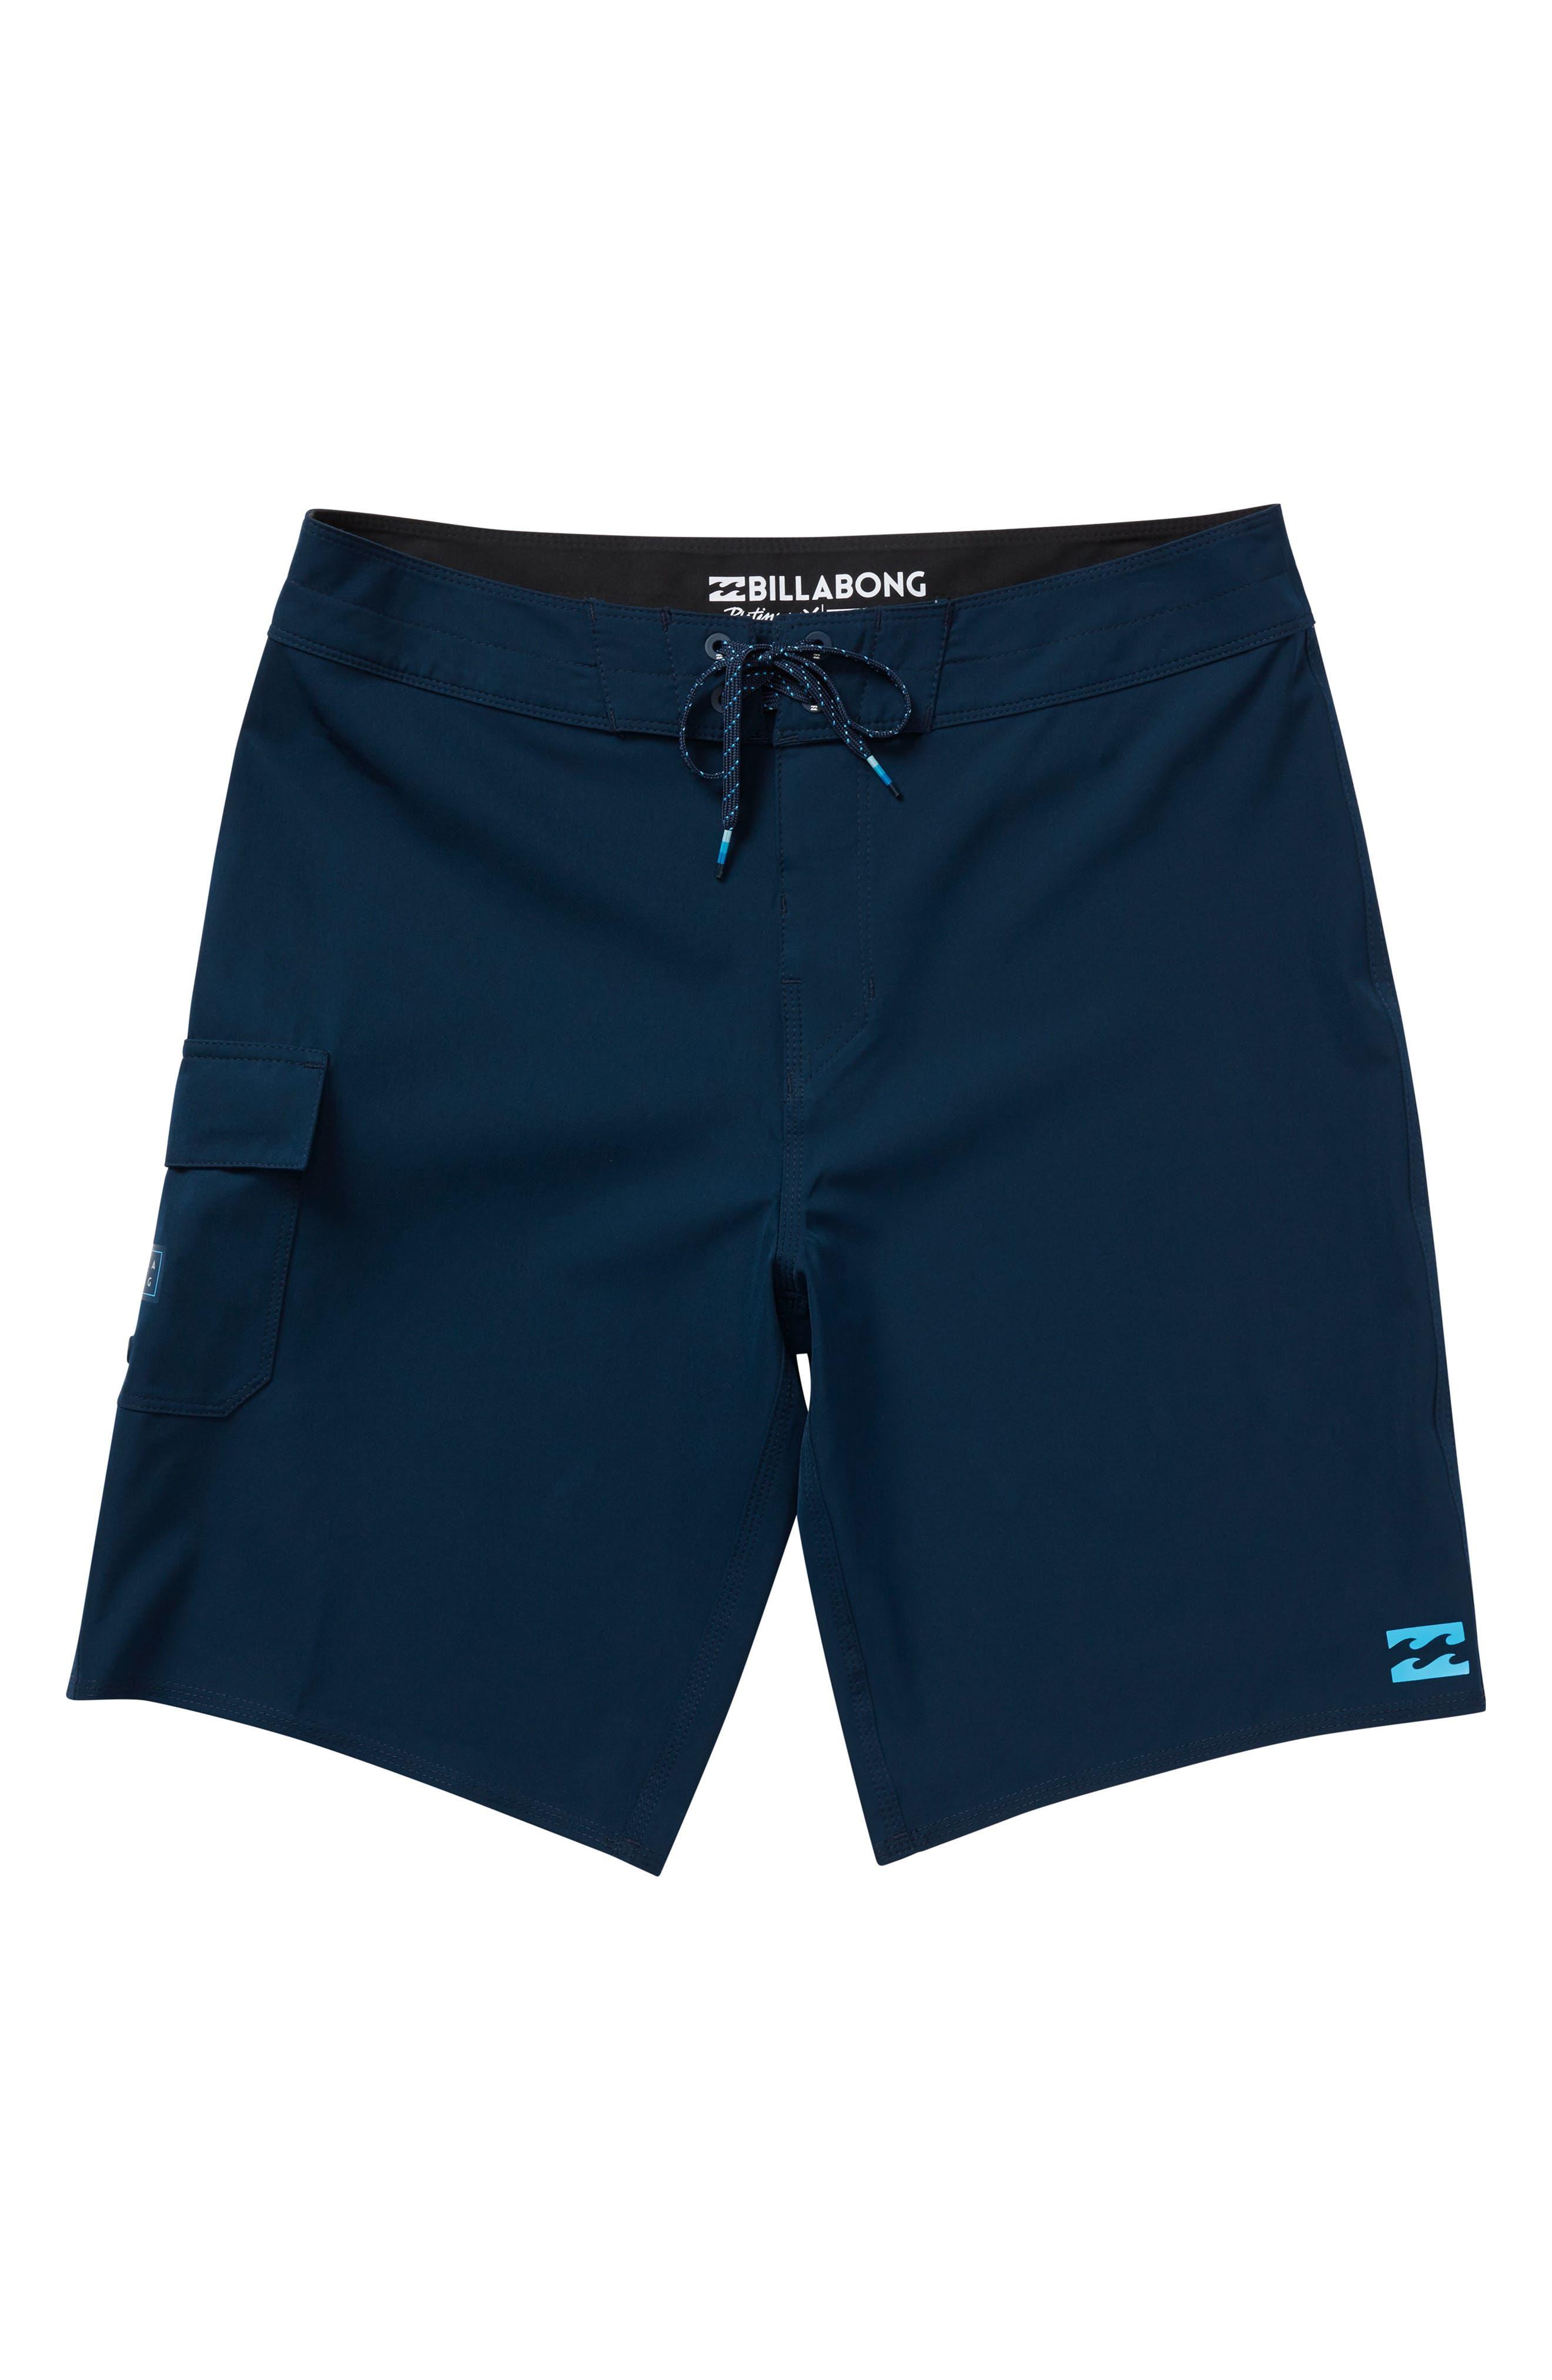 All Day X Board Shorts,                             Main thumbnail 1, color,                             Navy